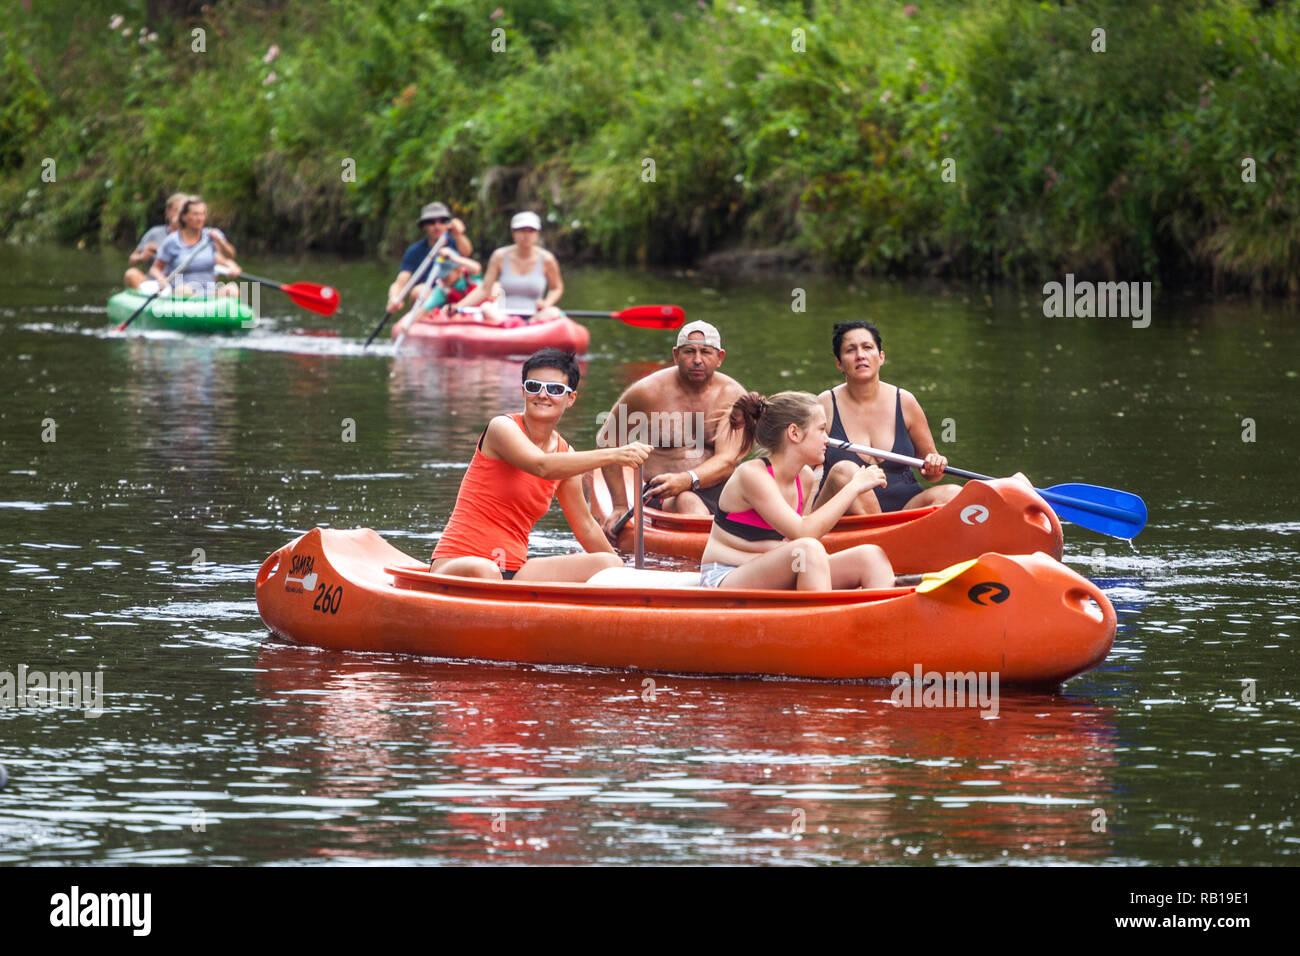 Les personnes actives, de la rivière en canoë sur la rivière d'aventure estivale, République Tchèque Photo Stock